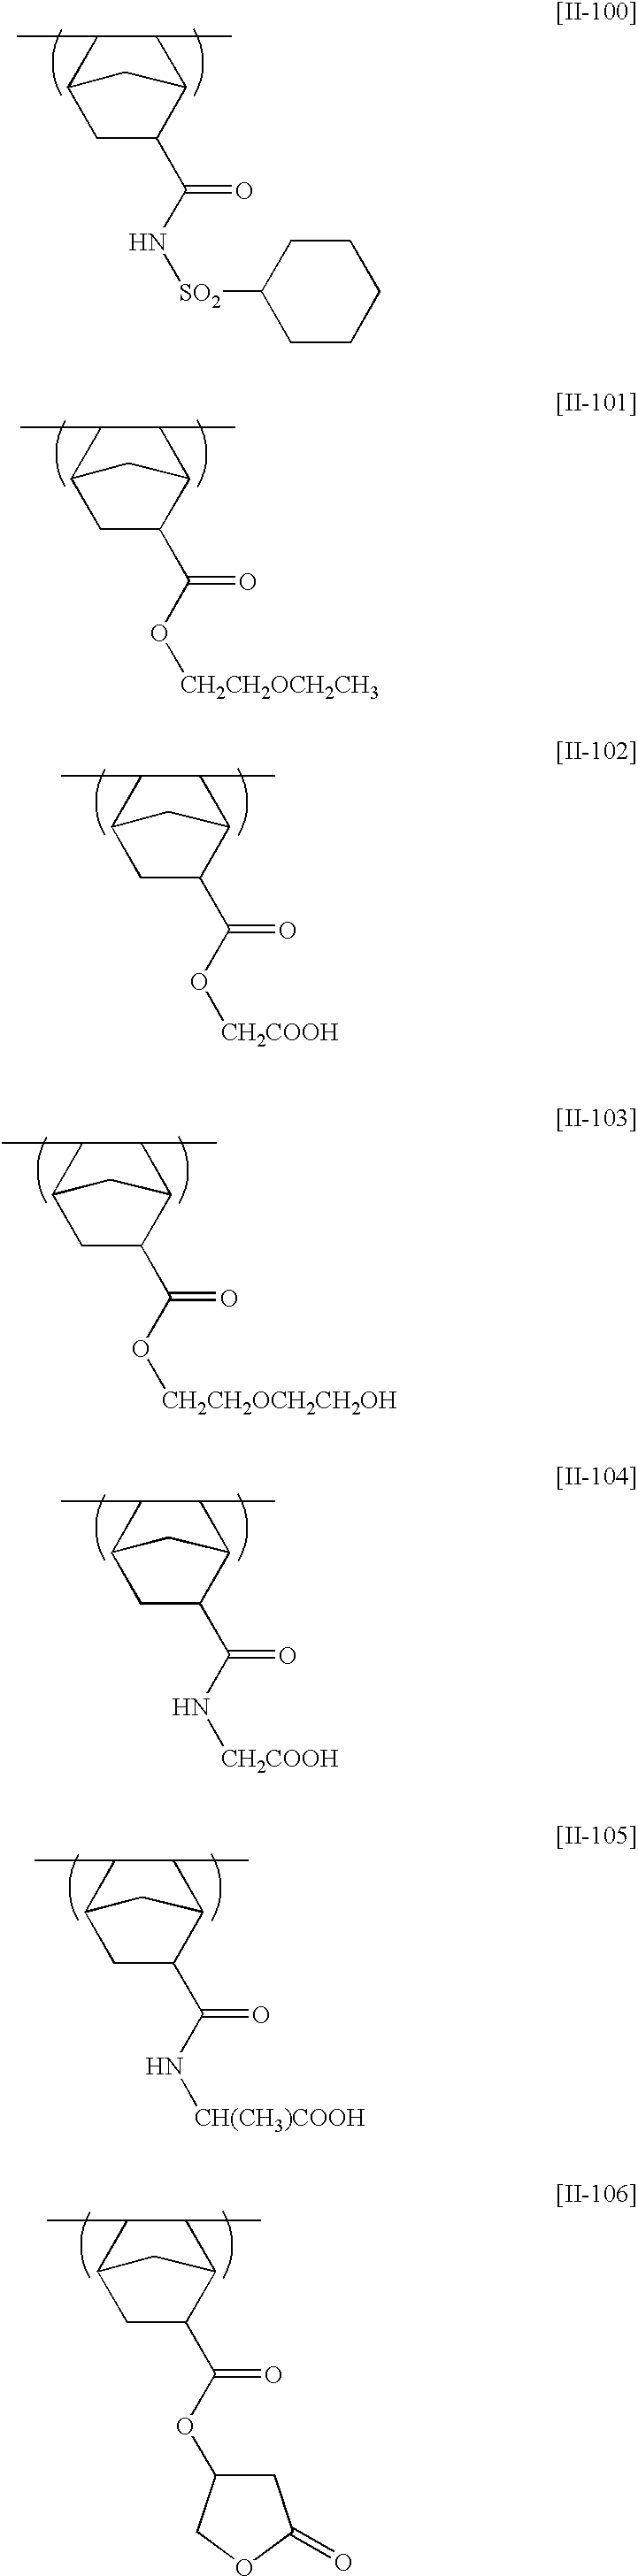 Figure US20030186161A1-20031002-C00076